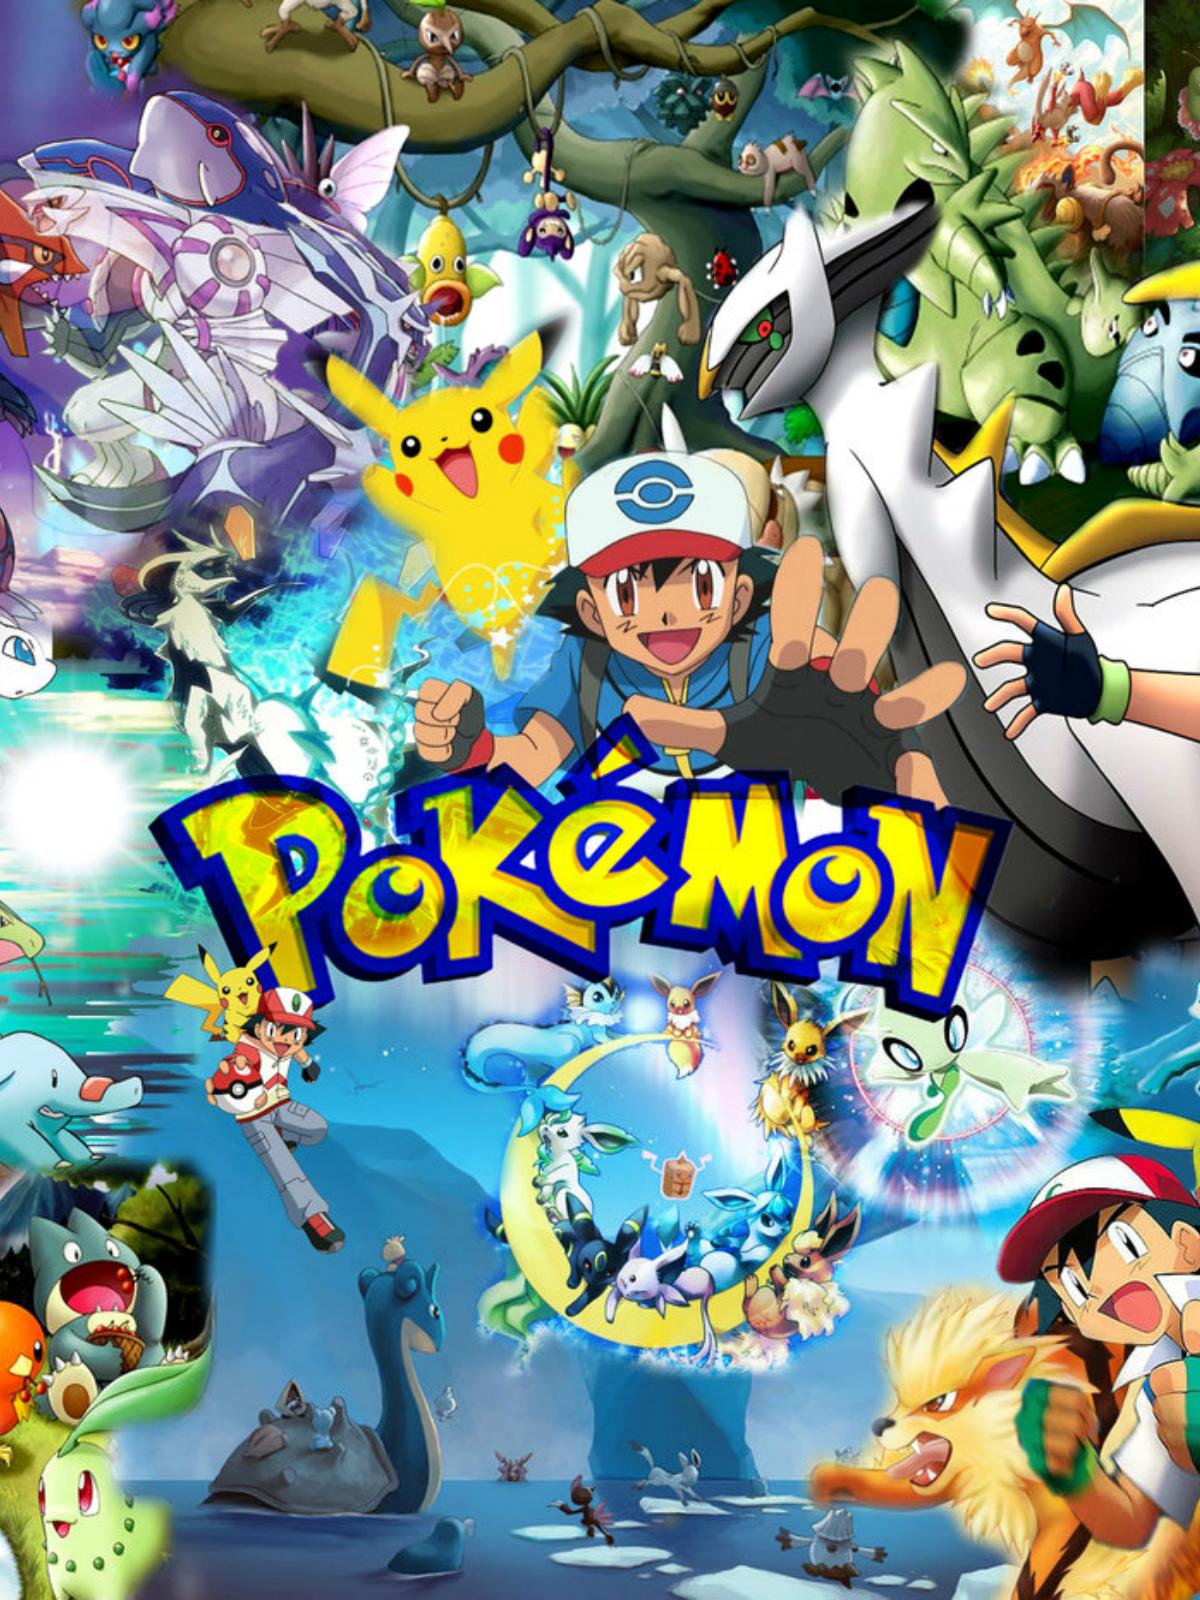 Pokémon - Serie 1997 - SensaCine.com